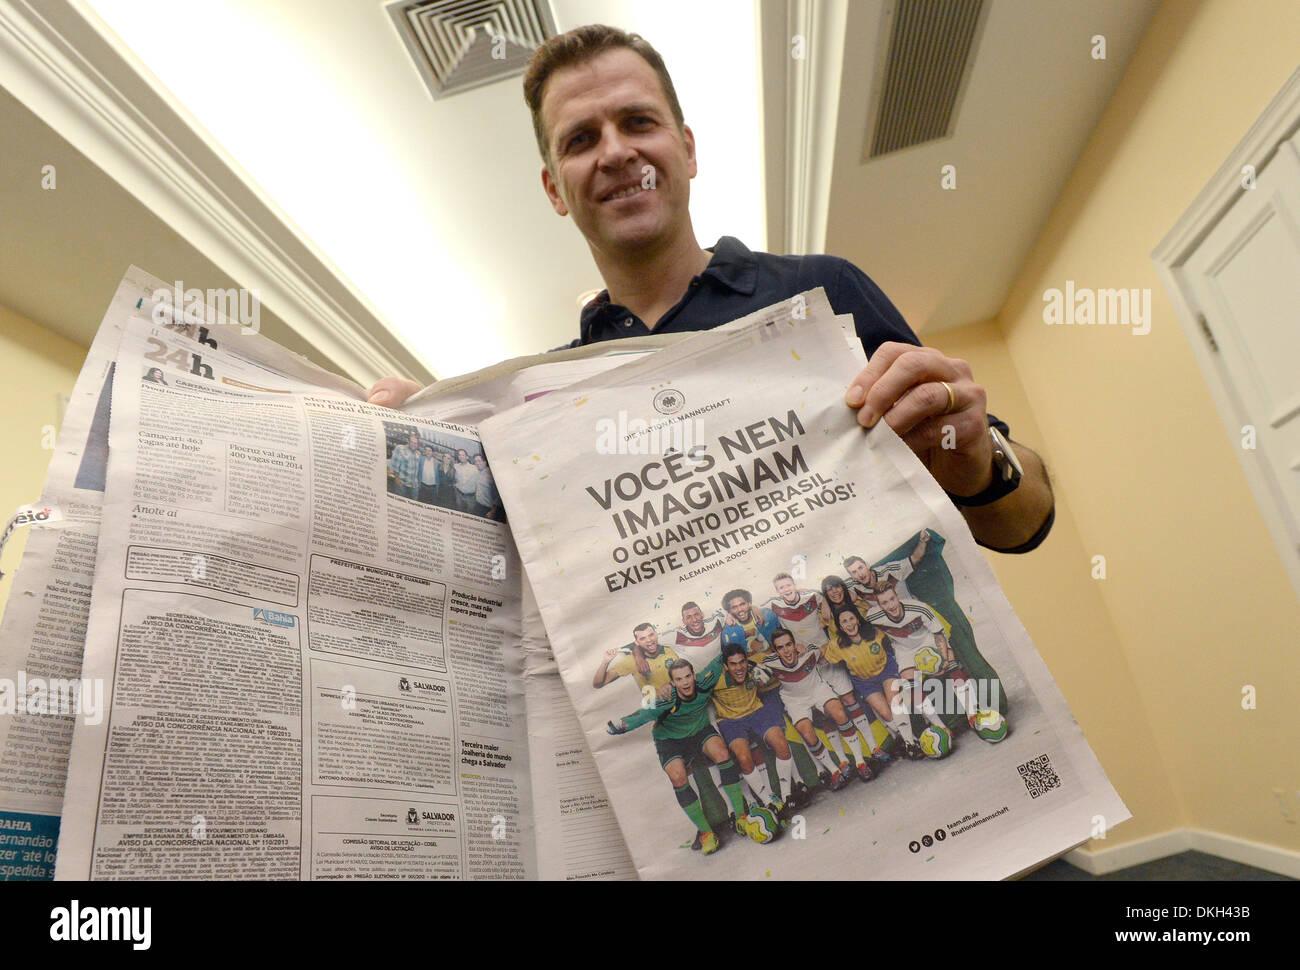 Il team manager della nazionale tedesca della squadra di calcio, Oliver Bierhoff, detiene un quotidiano brasiliano nelle sue mani che dispone di un annuncio pubblicitario del DFB, il calcio tedesco federazione, in Costa do Sauipe, Brasile, 5 dicembre 2013. La DFB team è stata la pubblicazione di annunci pubblicitari in diversi giornali brasiliano per riflettere il loro allegro previsione per la prossima Coppa del Mondo in Brasile 2014. Il messaggio recita: Vocês imaginam nem o quanto de Brasil existe dentro de nós! (Lit. Non è possibile l'immagine quanto il Brasile è in noi). Foto: Marcus Brandt/dpa Immagini Stock